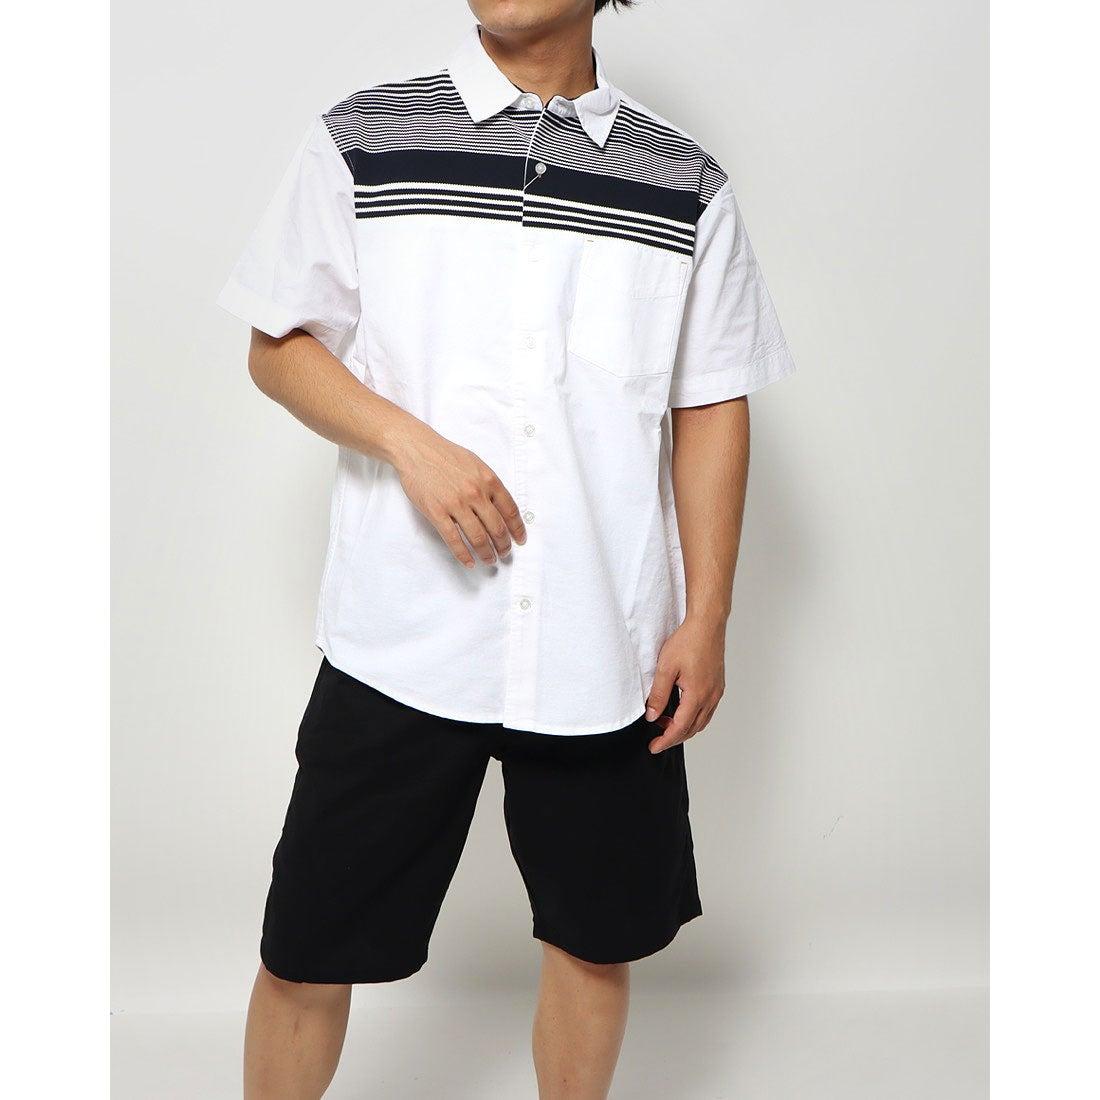 ロコンド 靴とファッションの通販サイトスタイルブロック STYLEBLOCK オックスボーダー切替シャツ (オフホワイト)